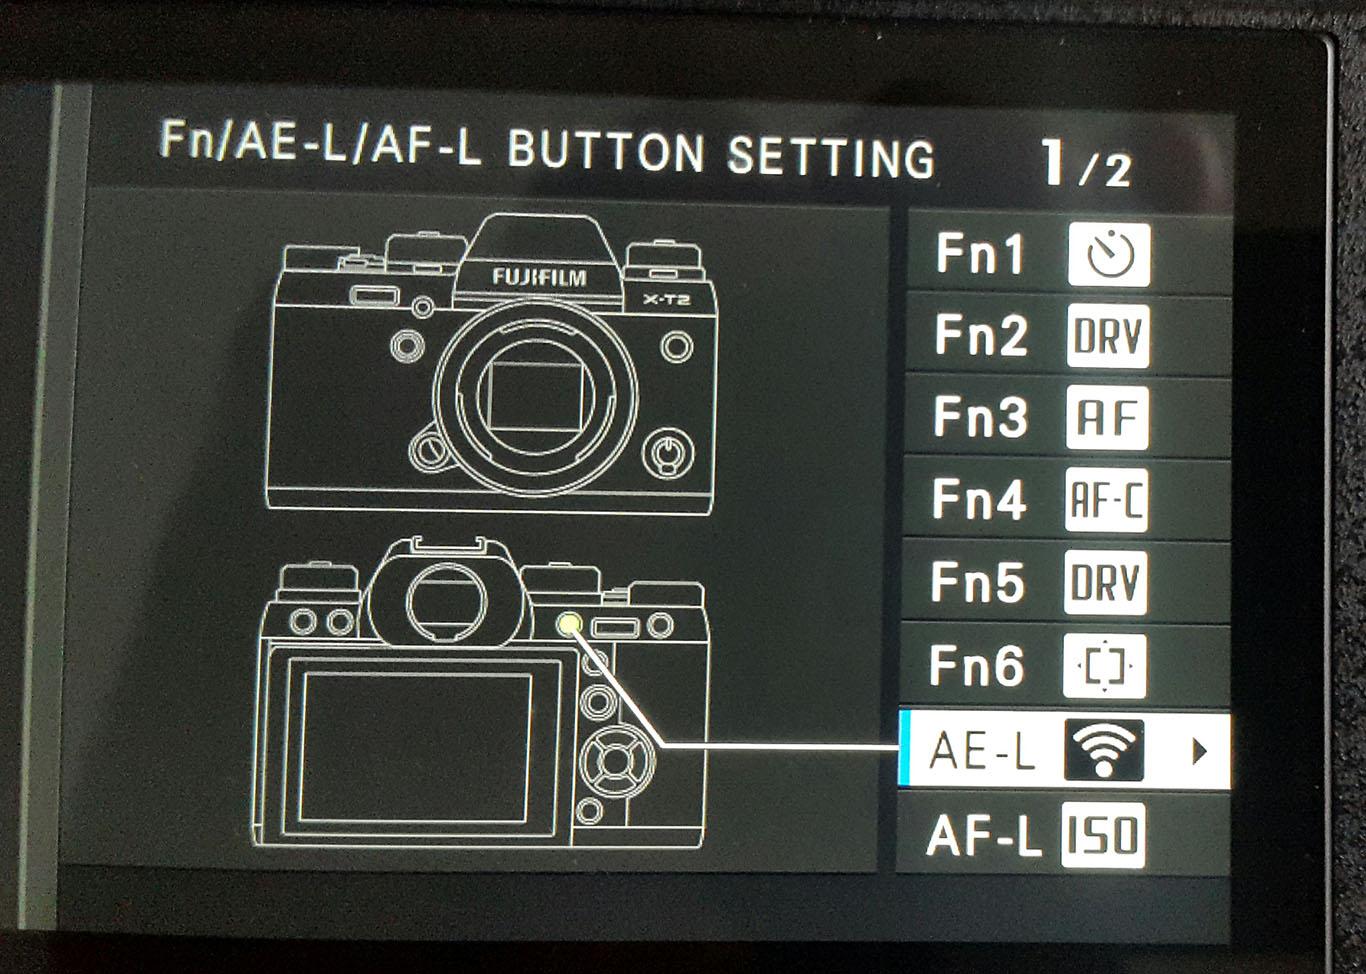 fuji-screen-xt-2-function.jpg